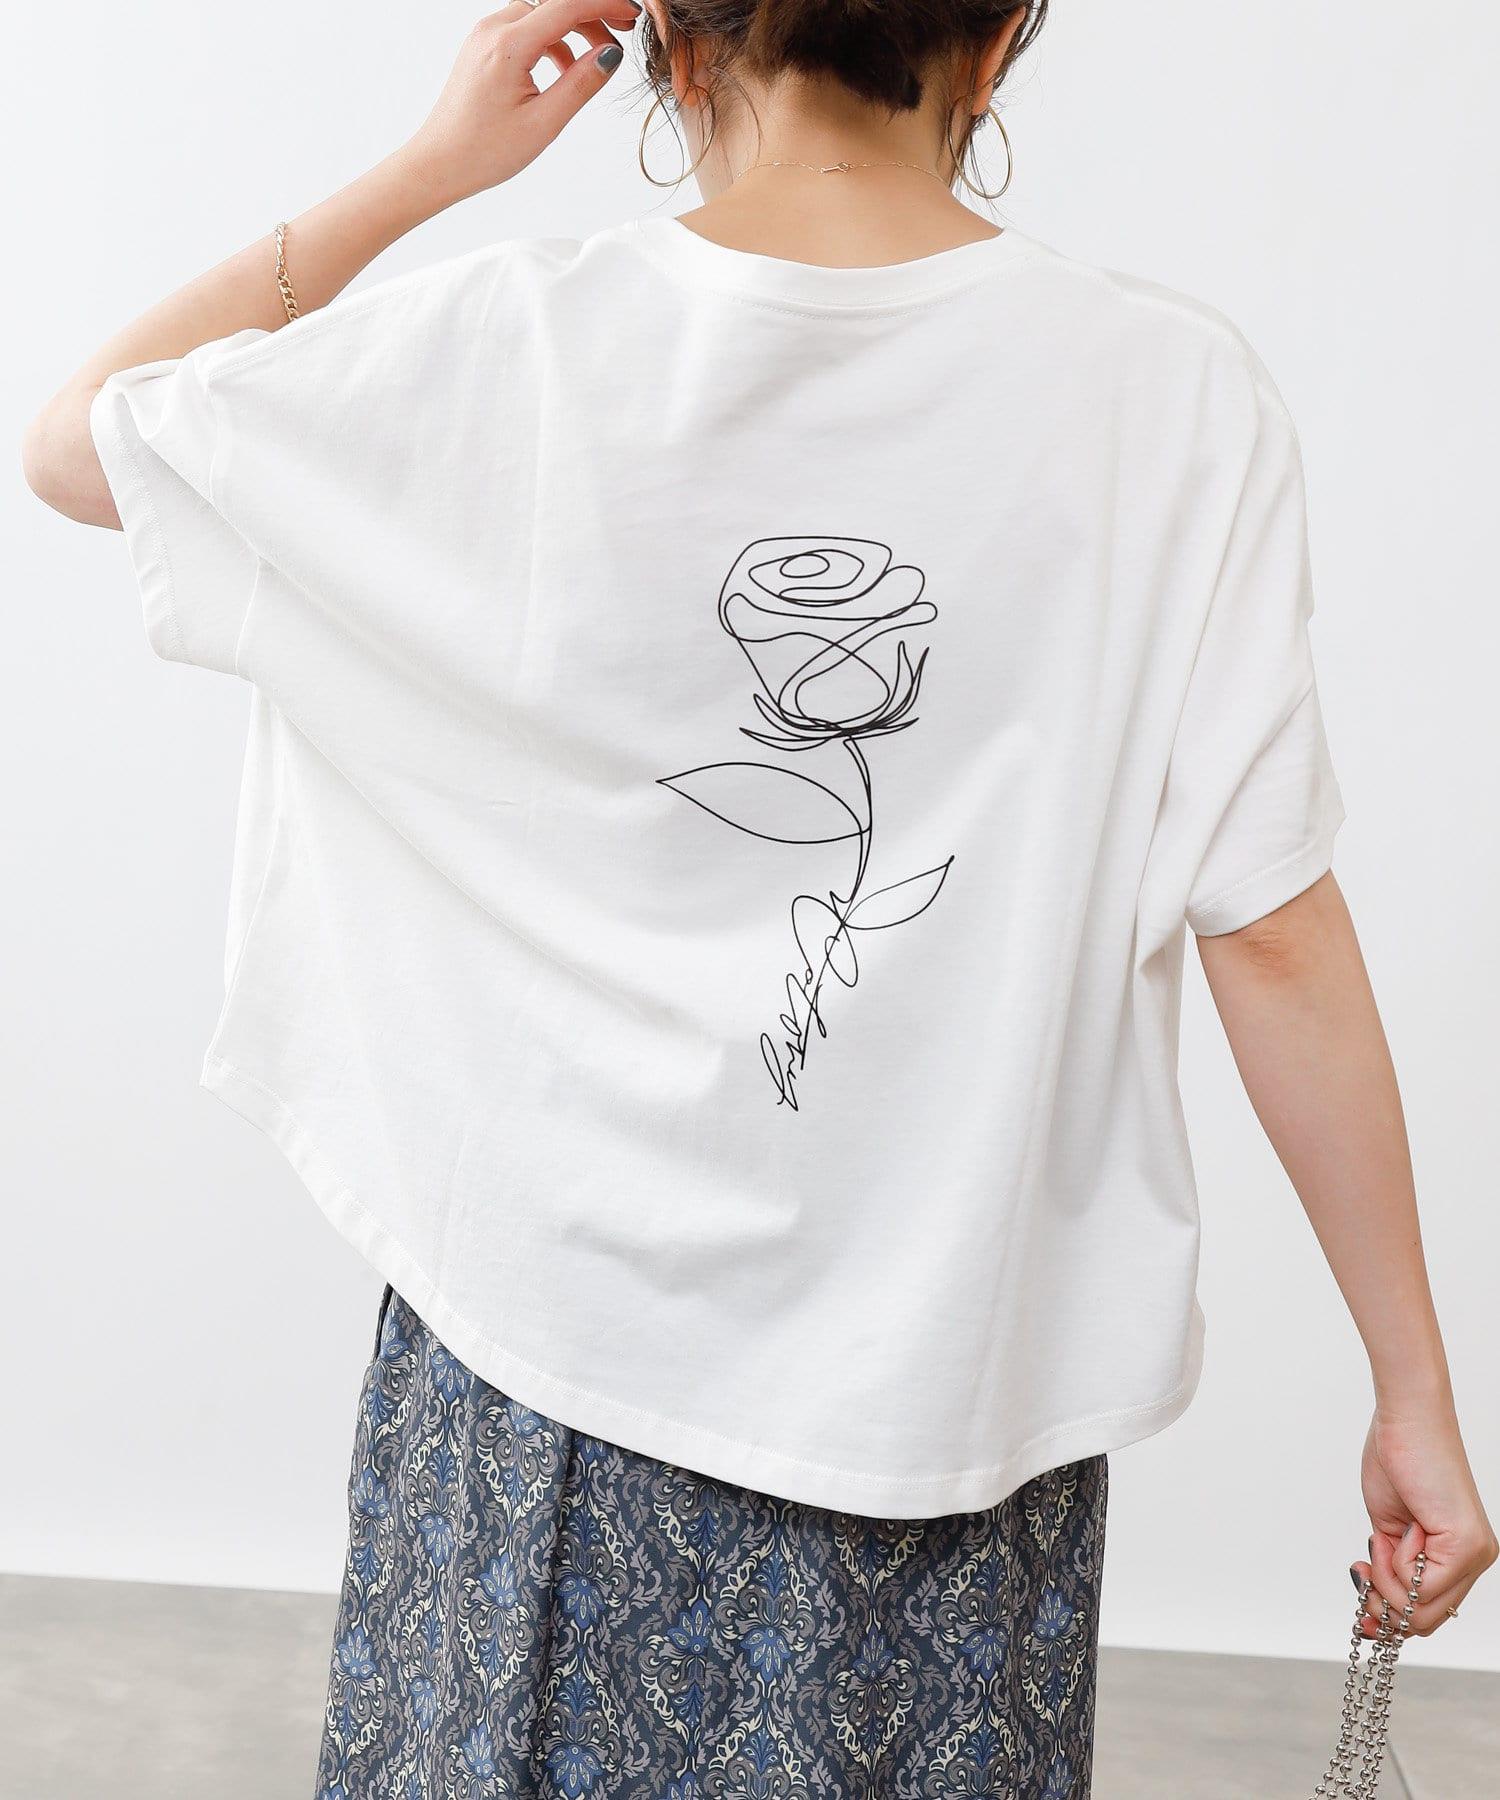 COLONY 2139(コロニー トゥーワンスリーナイン) 【WEB・一部店舗限定】2139T 短丈(Graphic)/ショート丈Tシャツ